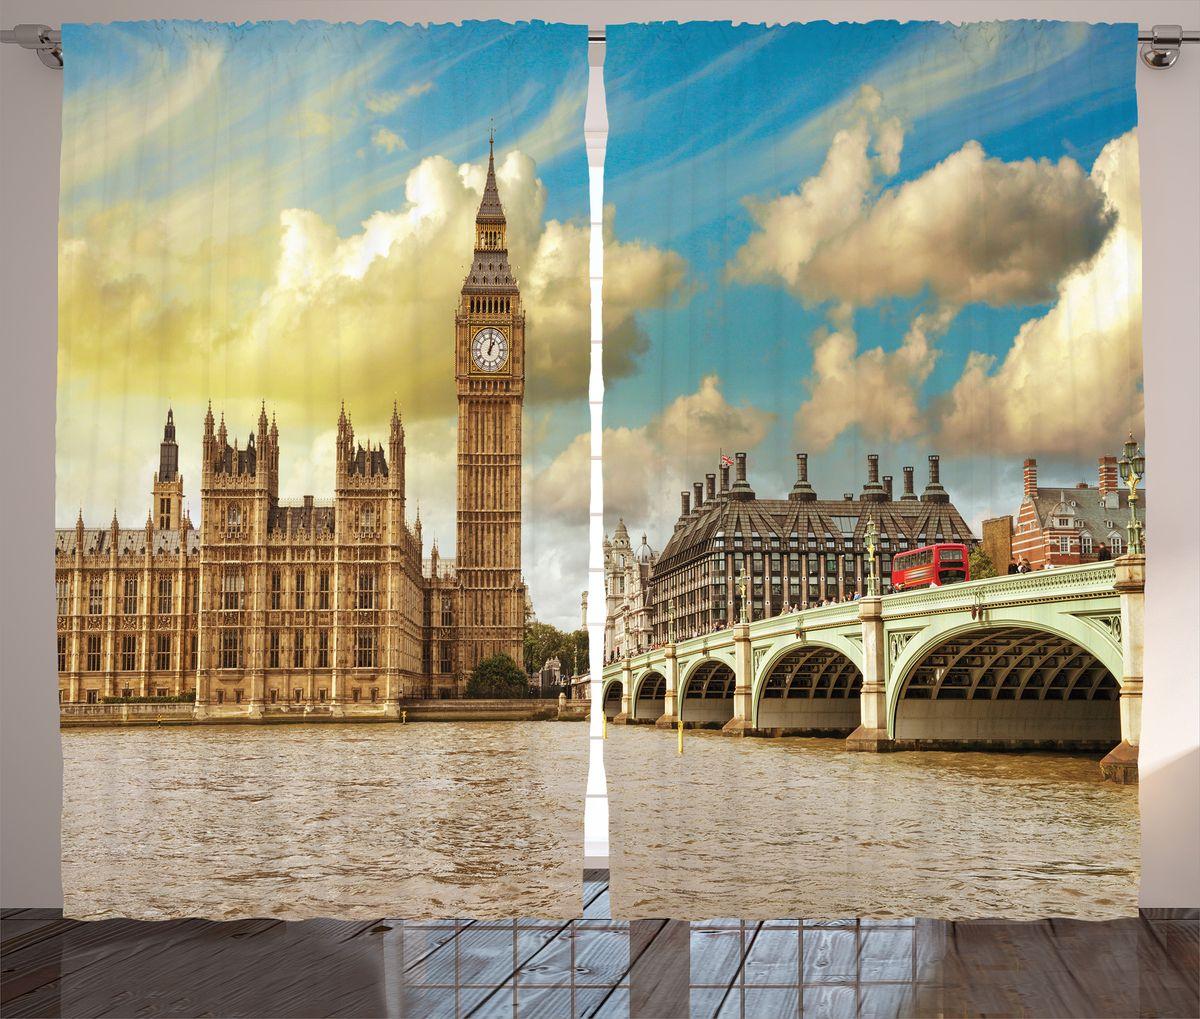 Комплект фотоштор Magic Lady Биг Бен и парламент Англии на фоне облачного неба, на ленте, высота 265 см. шсг_2713шсг_2713Комплект фотоштор Magic Lady Биг Бен и парламент Англии на фоне облачного неба выполнен из высококачественного сатена (полиэстер 100%). При изготовлении используются специальные гипоаллергенные чернила. Они отлично дополнят украшение любого интерьера. Крепление на карниз при помощи шторной ленты на крючки.